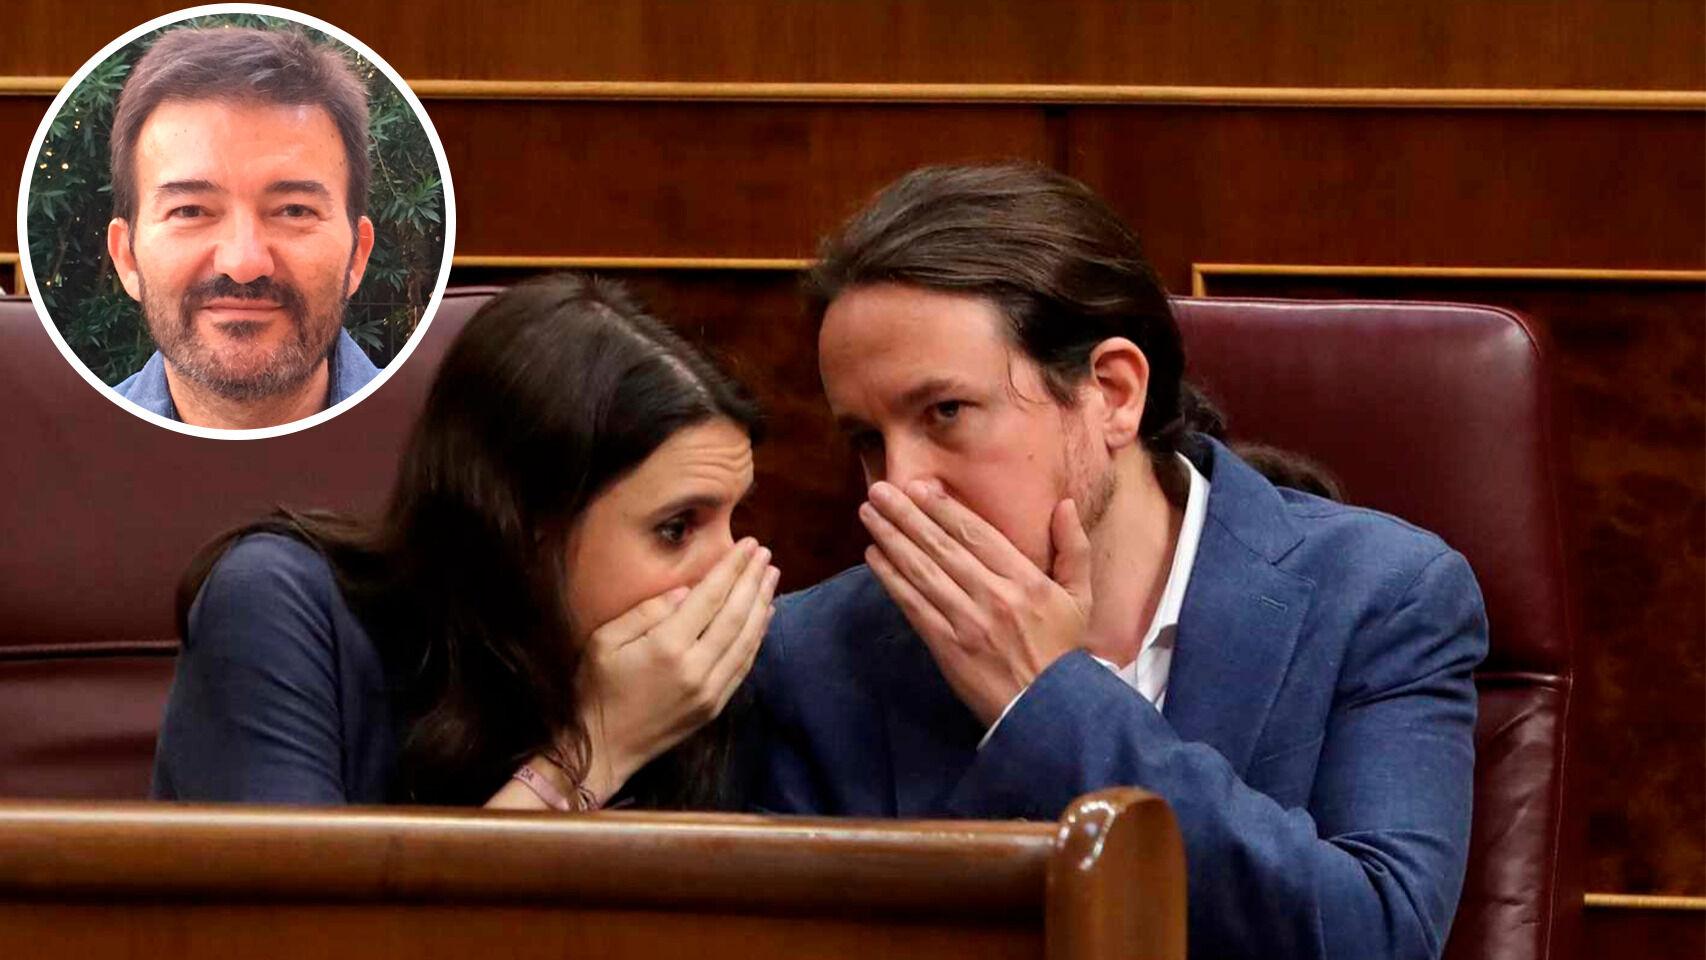 Lo de Podemos apesta, el abogado no para de 'cantar' y a Pablo Iglesias le huele ya el trasero a pólvora